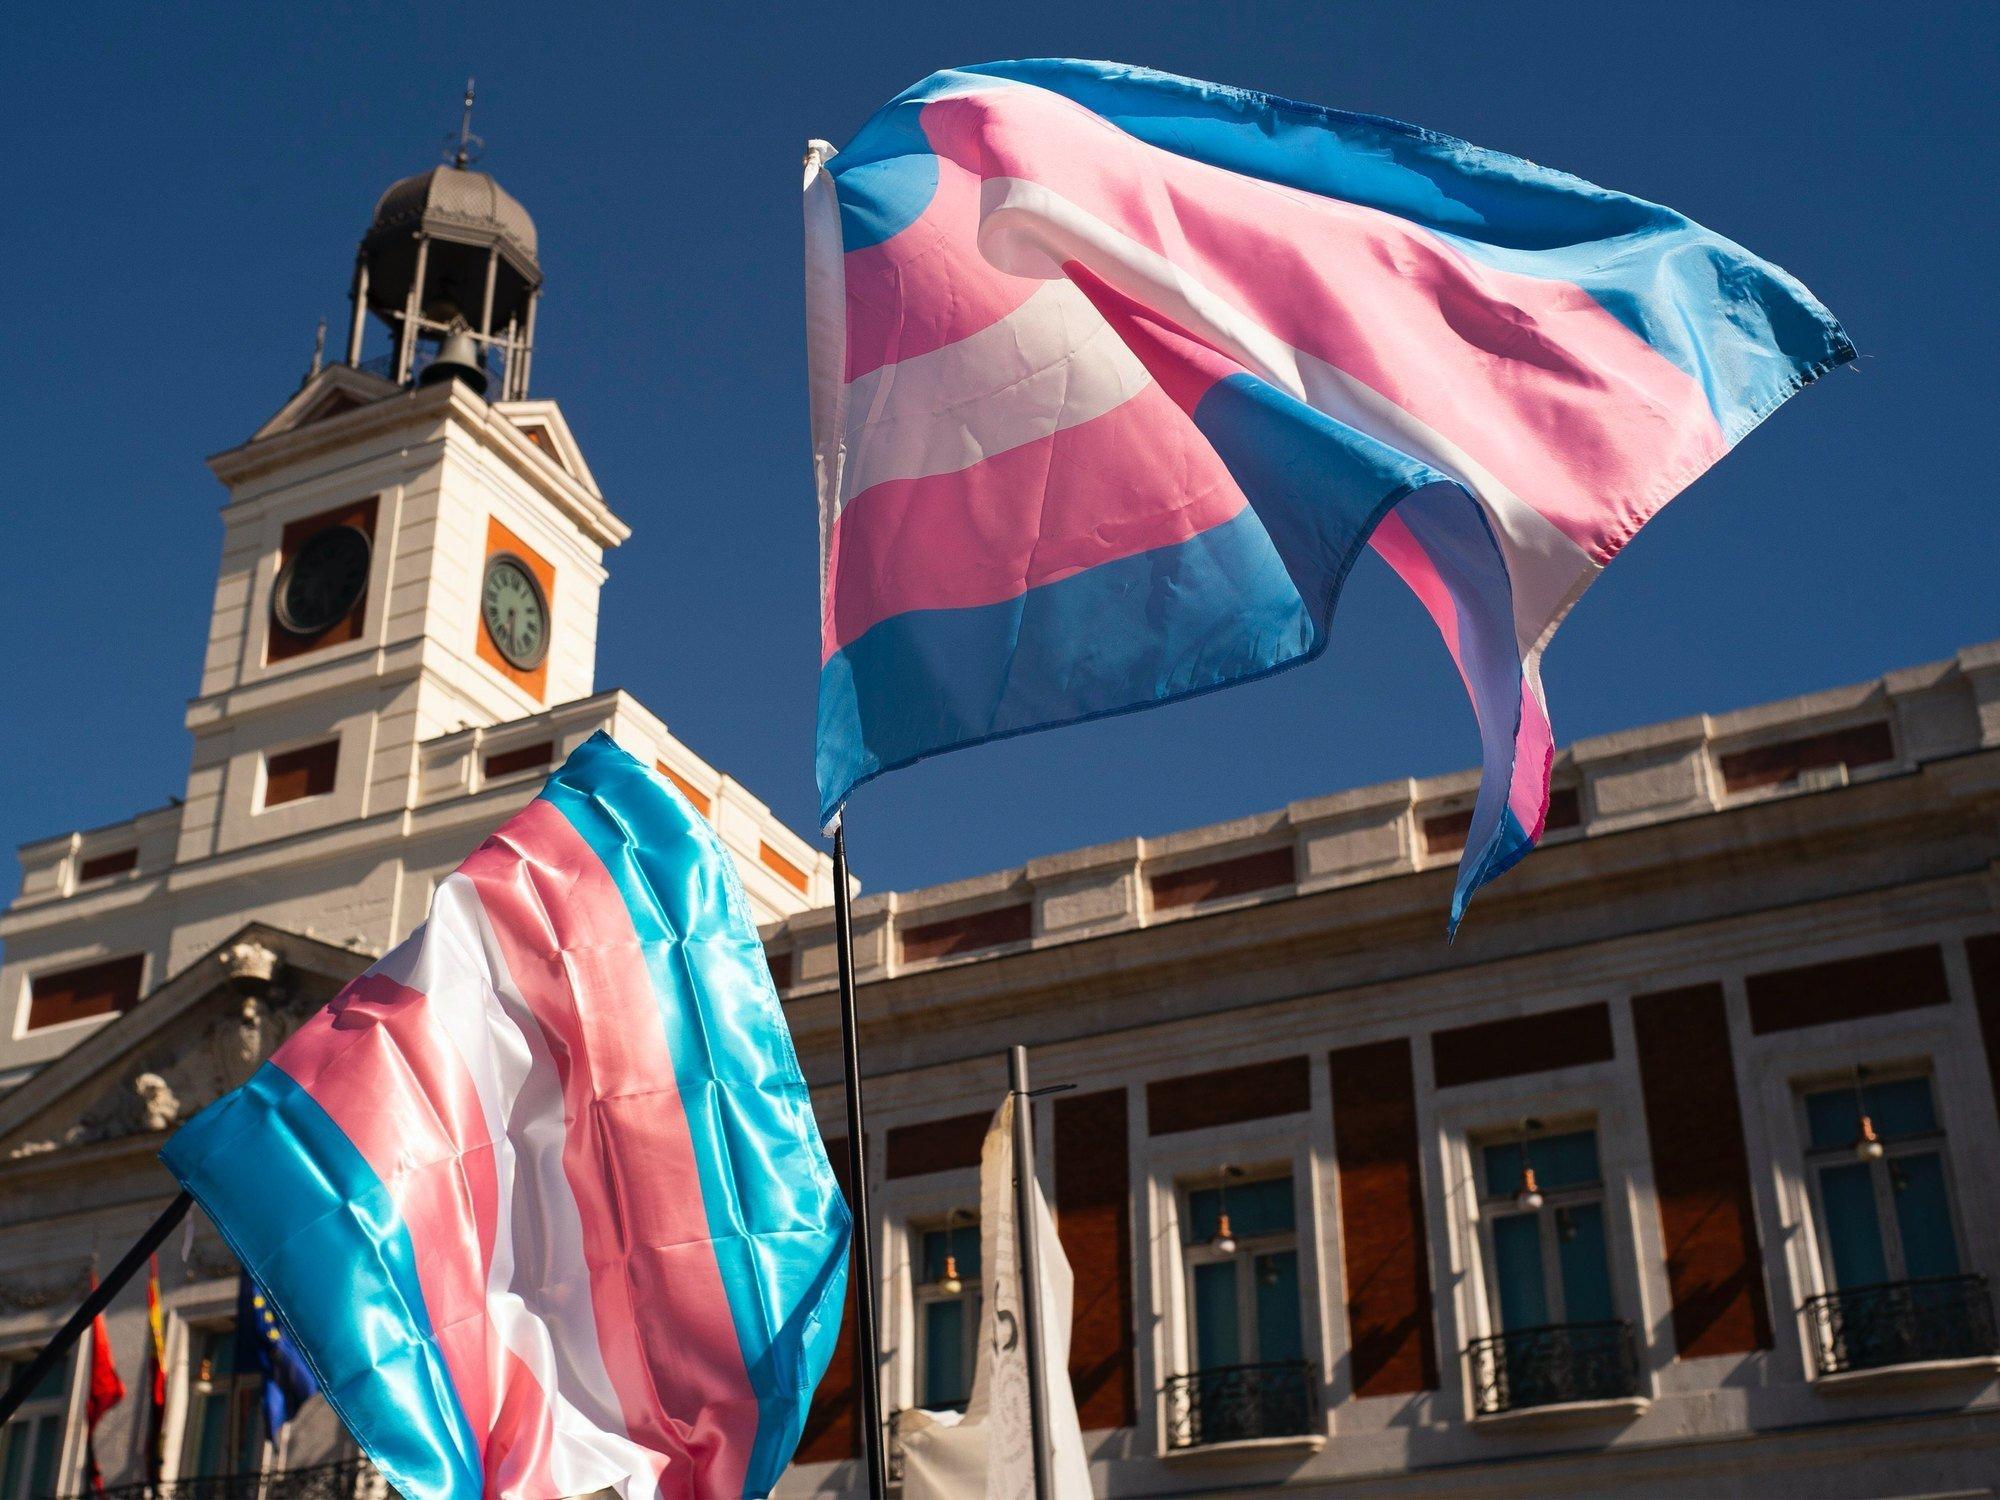 España da un paso hacia la igualdad con proyecto de ley que protege a las personas transgénero